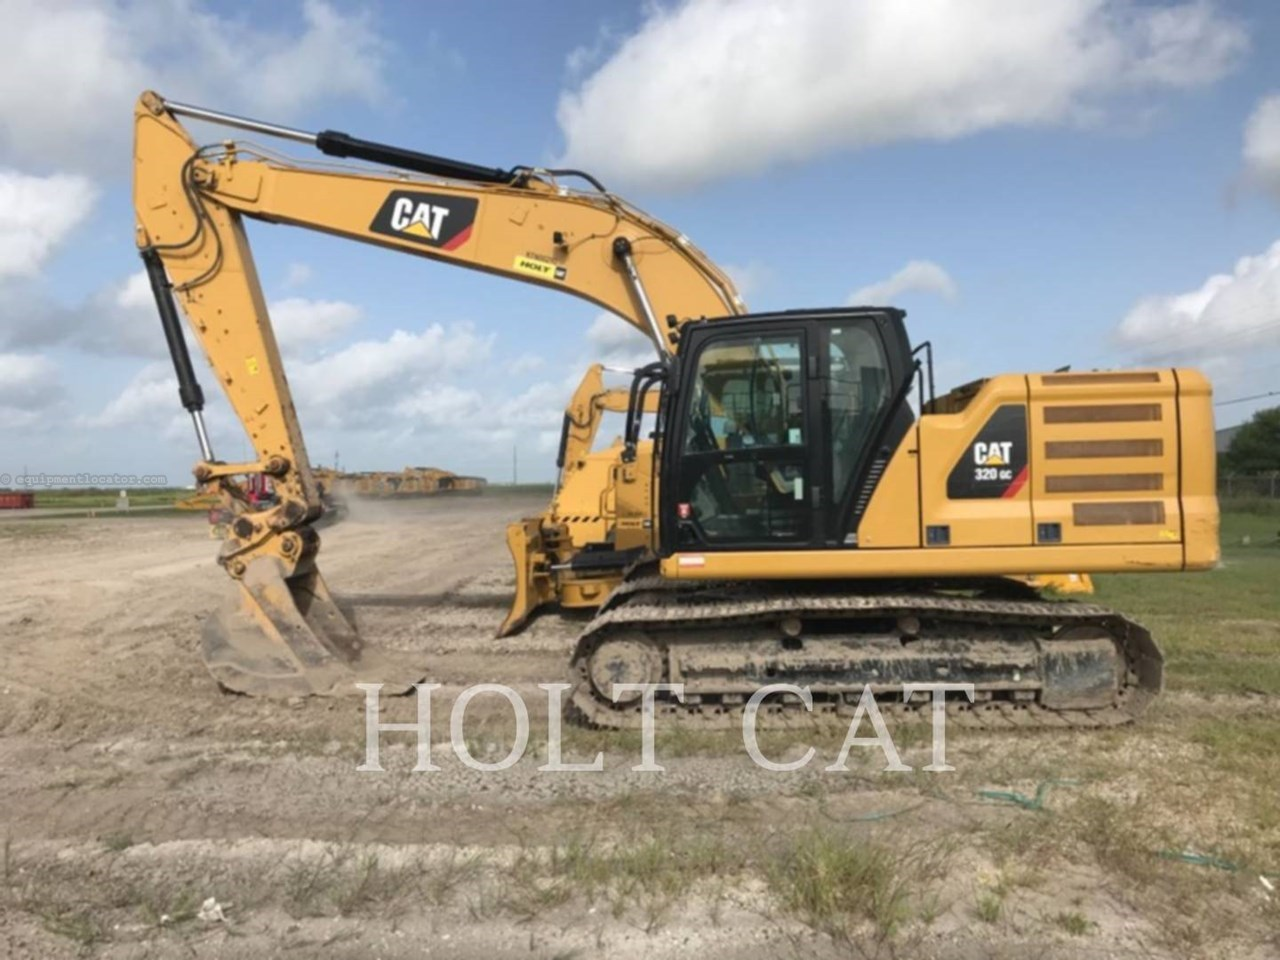 2018 Caterpillar 320GC Image 1